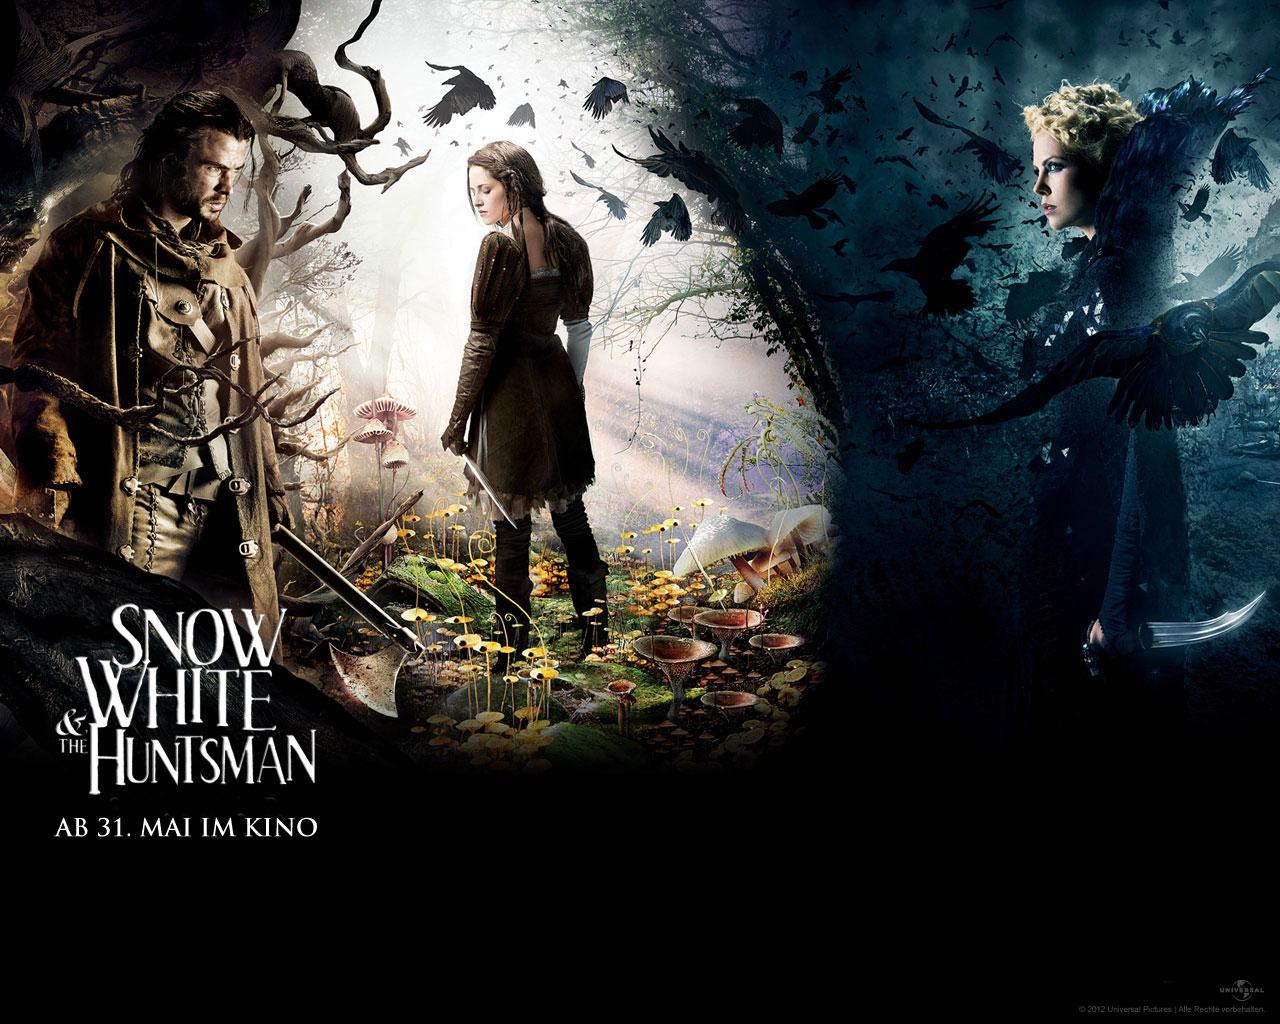 Snow White & the Huntsman: Unheimliche Königin trifft auf ausdruckslose Prinzessin